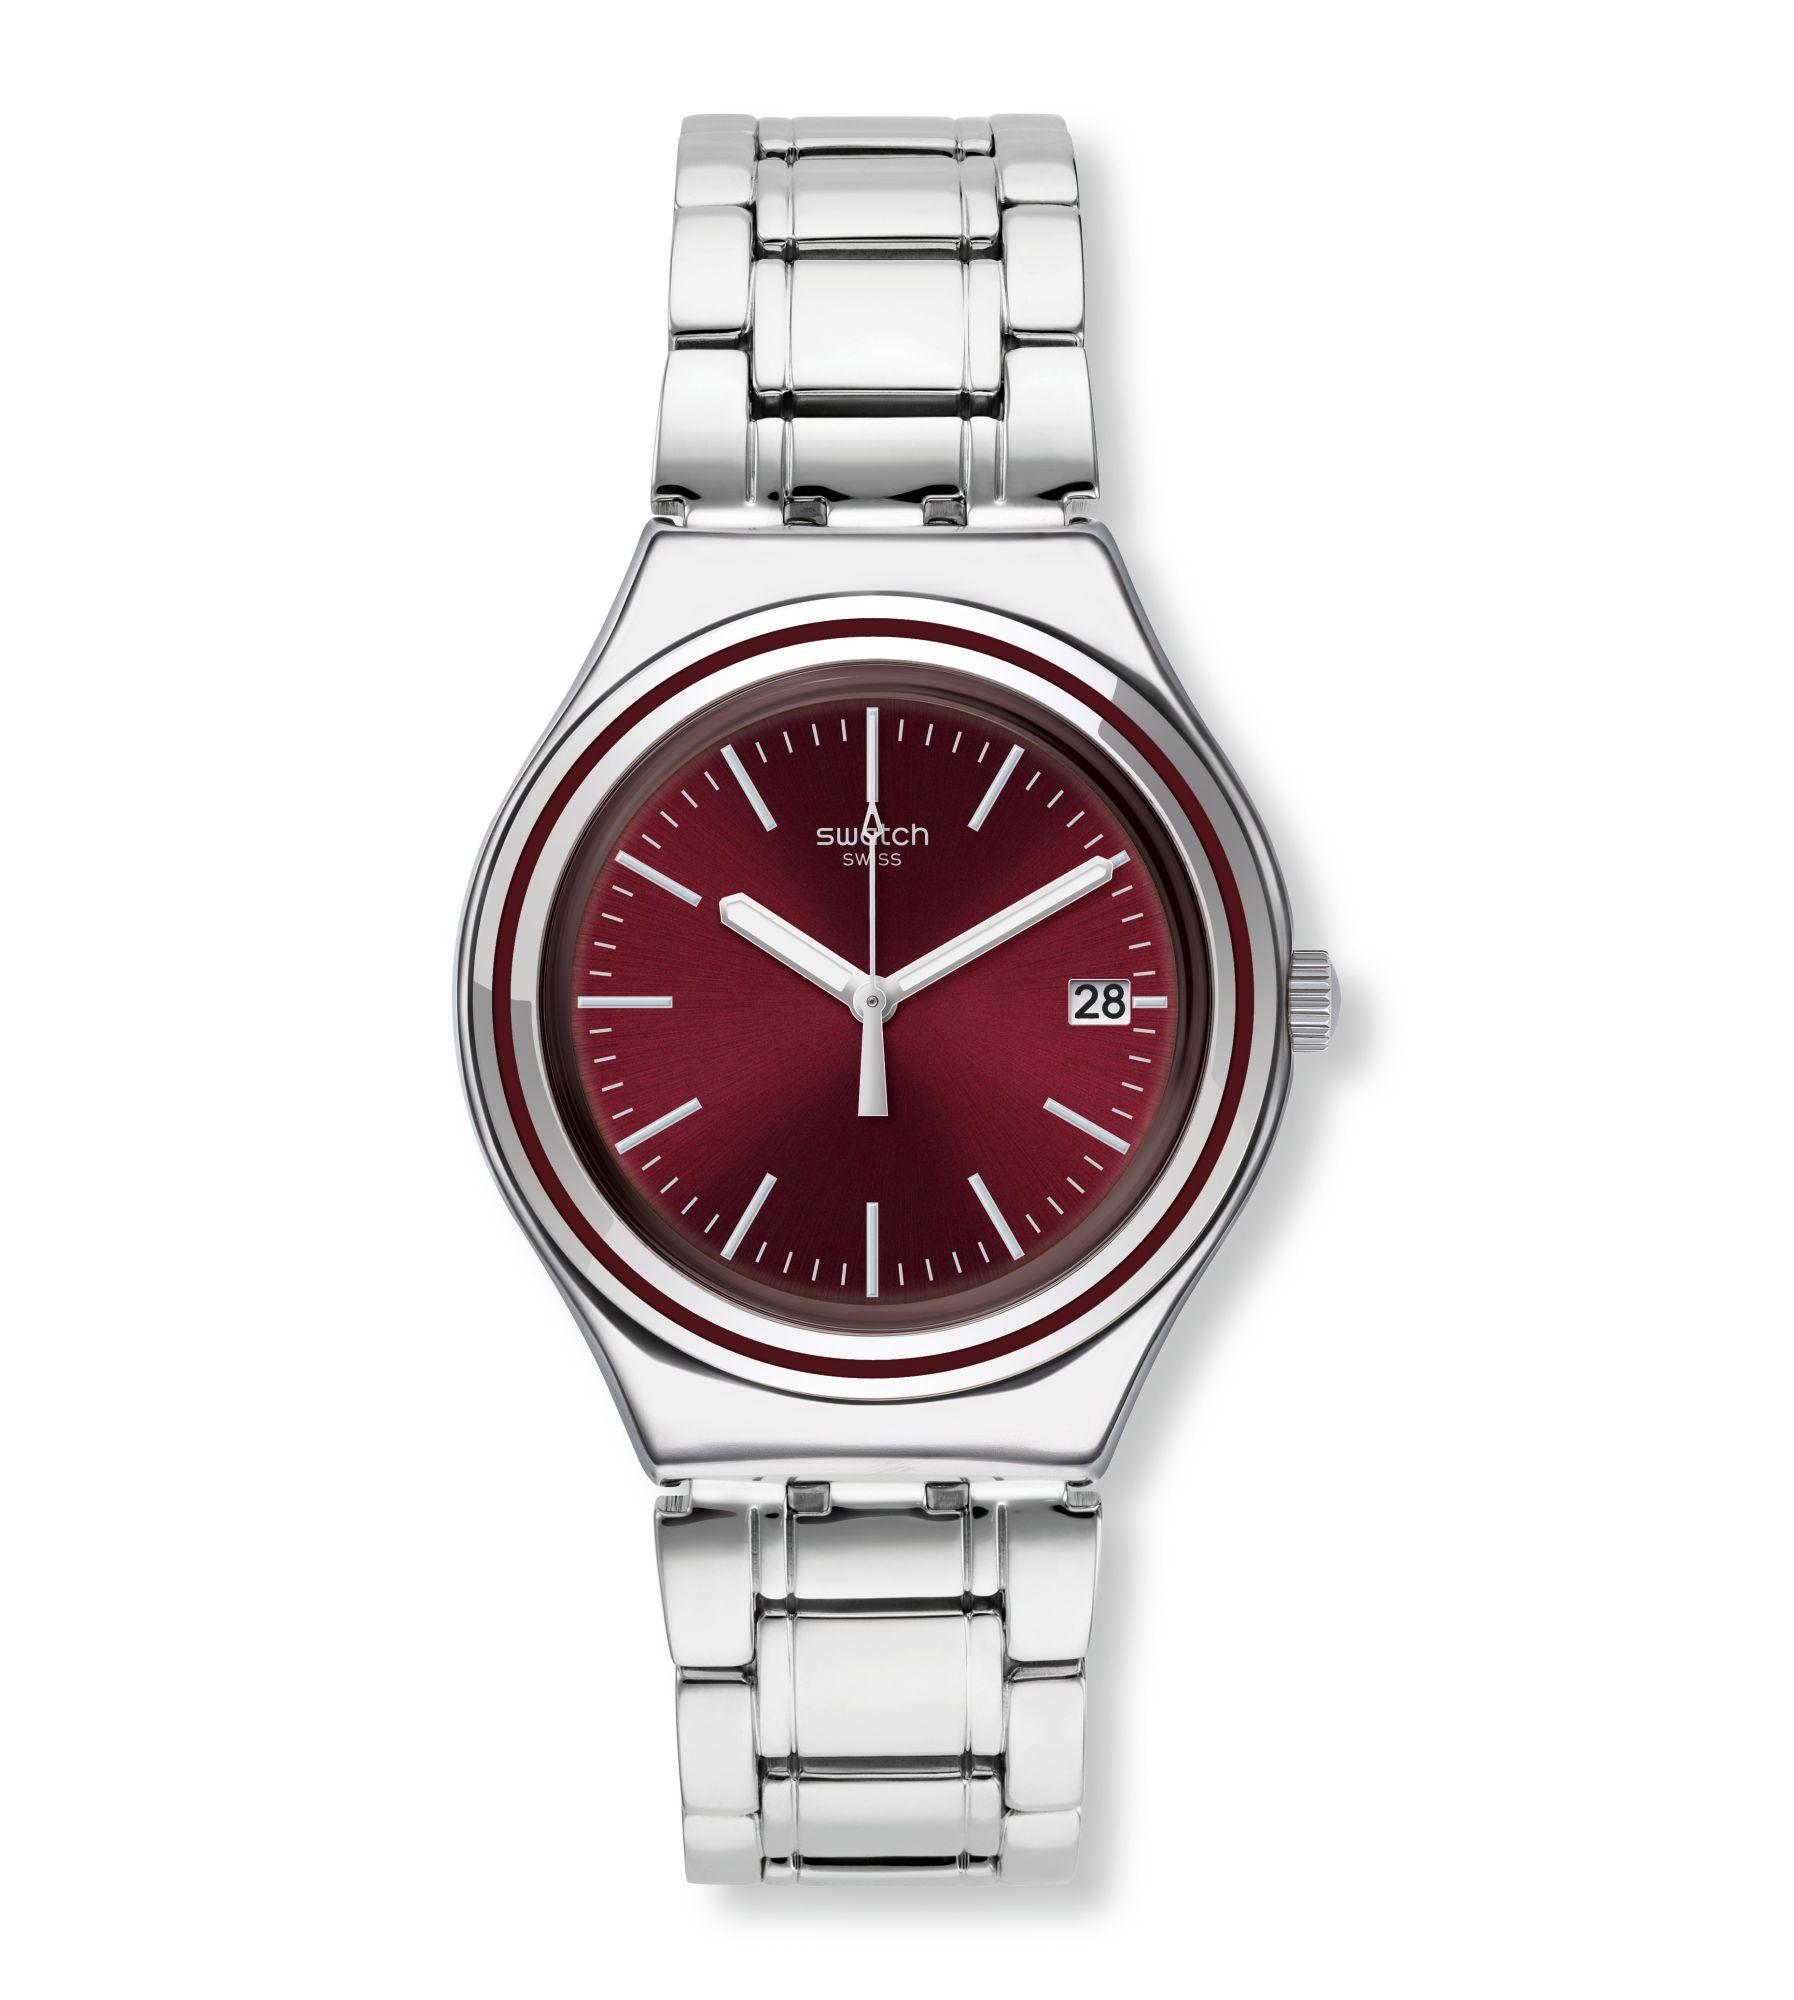 Relógio Swatch Dernier Verre